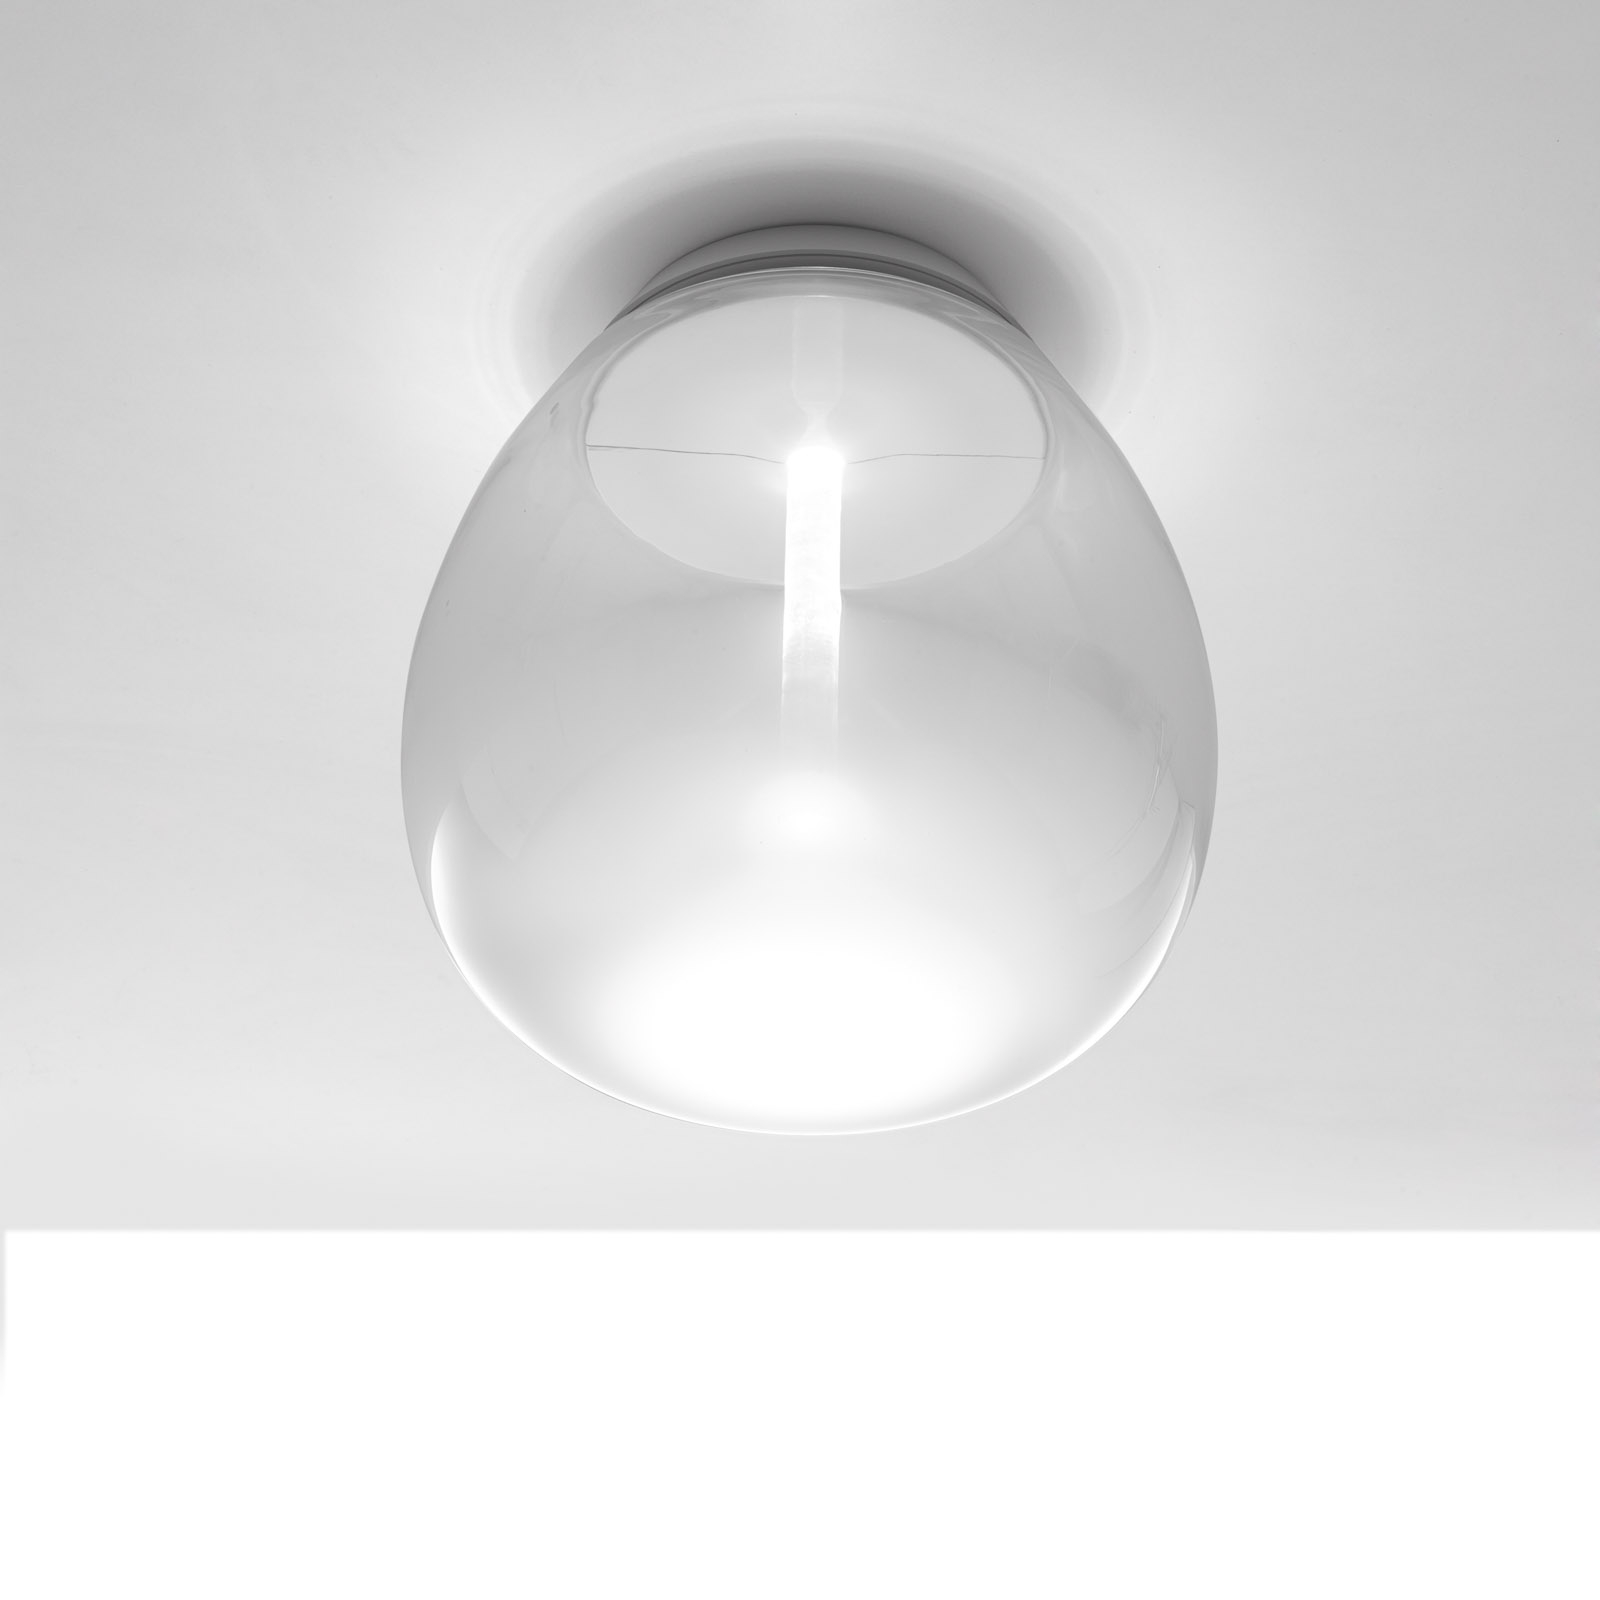 Artemide Empatia LED-taklampe, Ø 16 cm